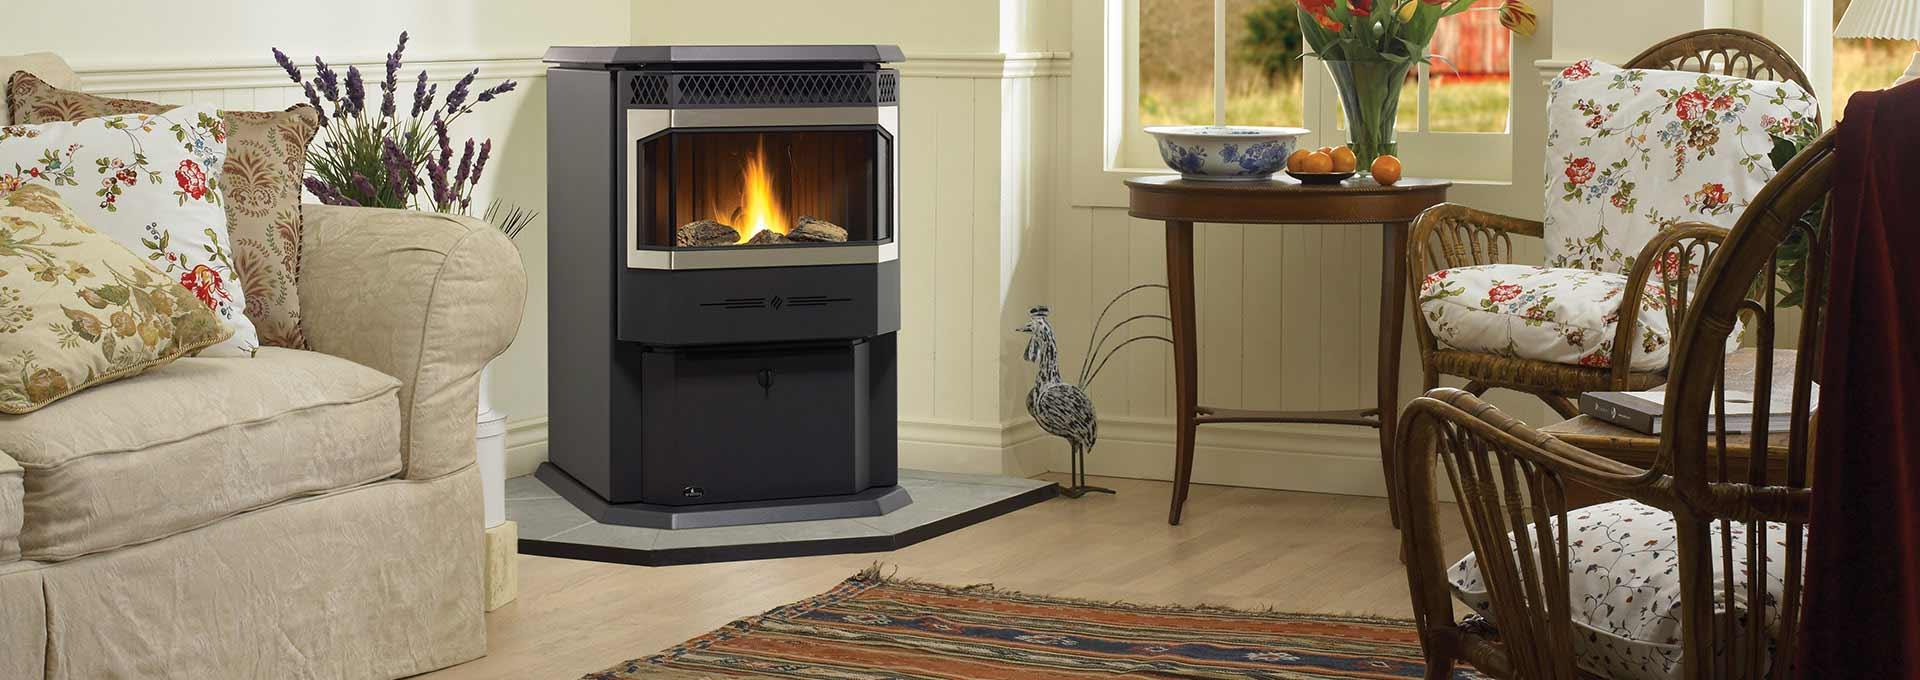 GF55 B 1920x980.aspx?width=1920 100 [ fireplace pellet insert ] home,pellet fireplace insert  at cos-gaming.co